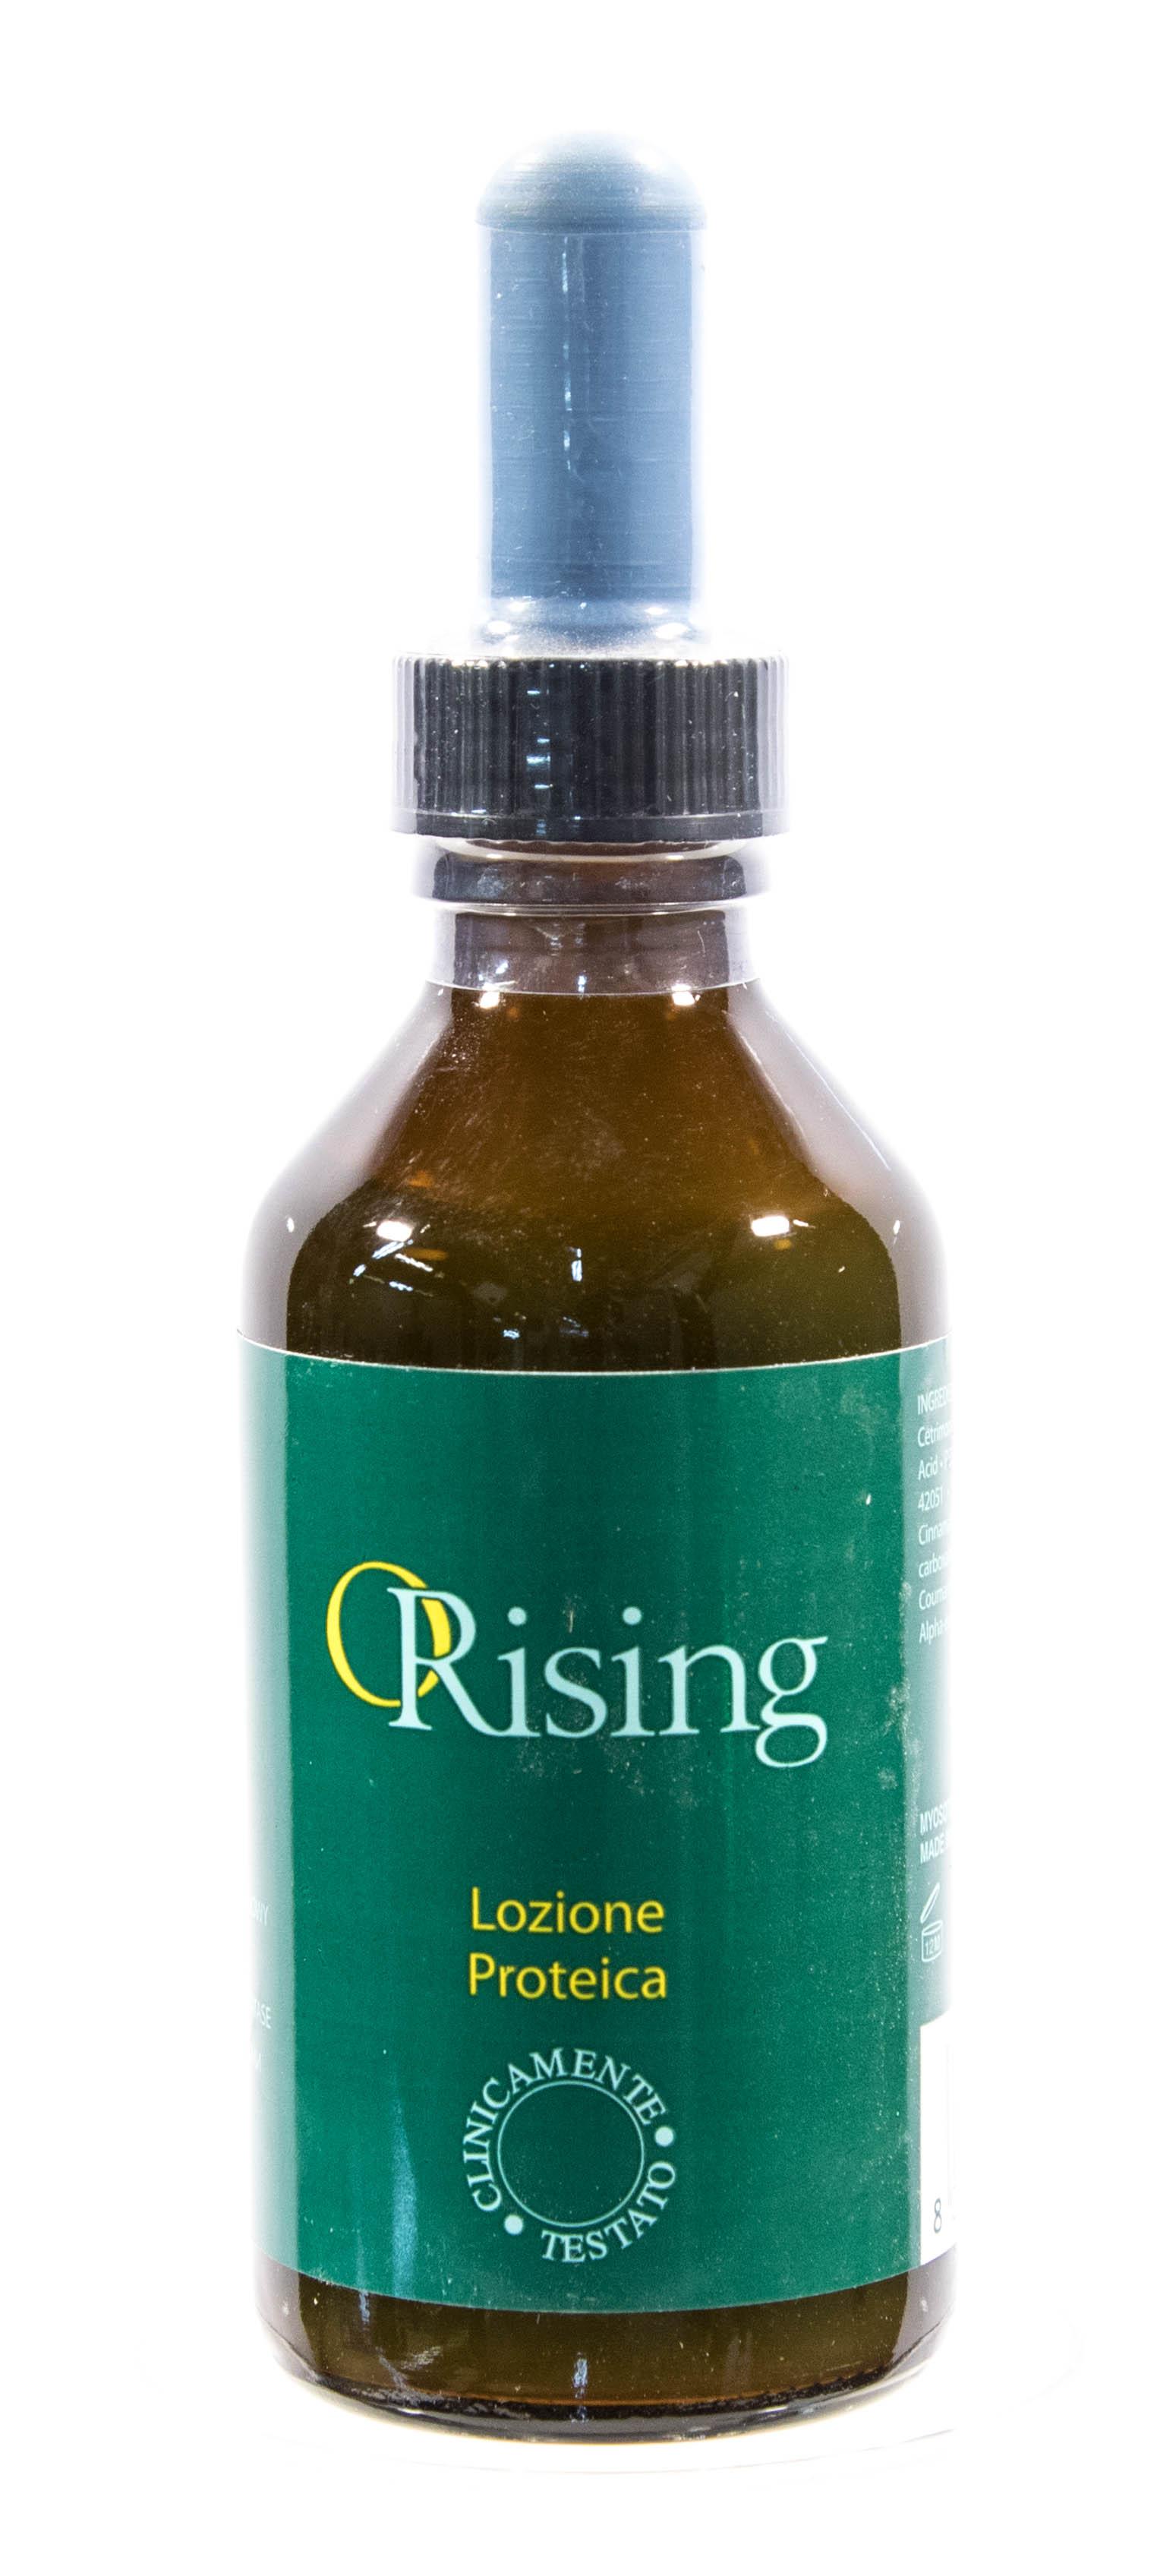 Orising Лосьон протеиновый укрепляющий 100 мл (Orising, Для сухих и поврежденных волос)